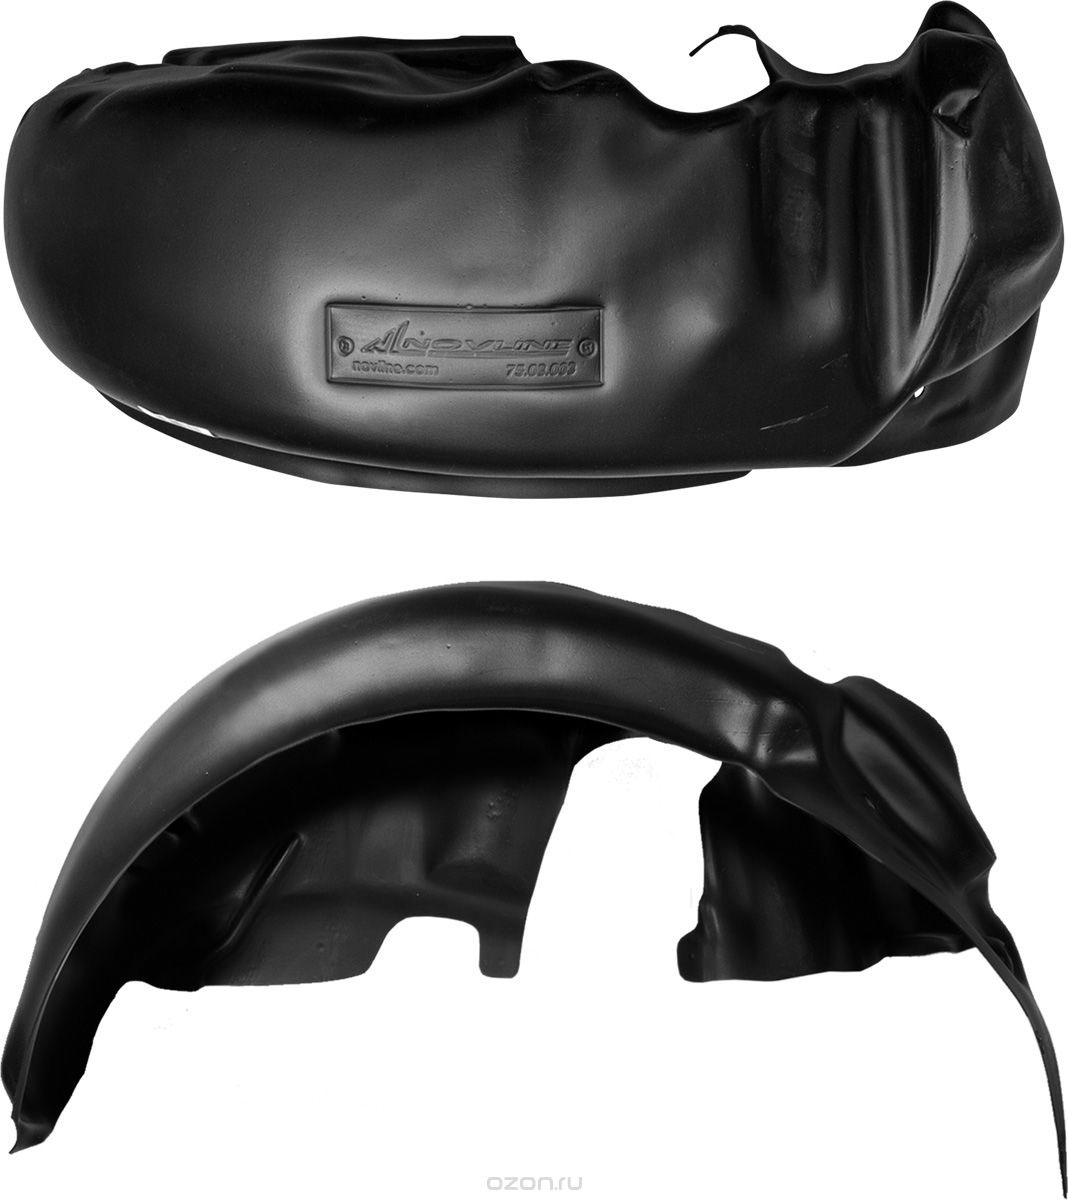 Подкрылок Novline-Autofamily, для Toyota Auris, 03/2007-2013, задний левыйNLL.48.16.003Идеальная защита колесной ниши. Локеры разработаны с применением цифровых технологий, гарантируют максимальную повторяемость поверхности арки. Изделия устанавливаются без нарушения лакокрасочного покрытия автомобиля, каждый подкрылок комплектуется крепежом. Уважаемые клиенты, обращаем ваше внимание, что фотографии на подкрылки универсальные и не отражают реальную форму изделия. При этом само изделие идет точно под размер указанного автомобиля.